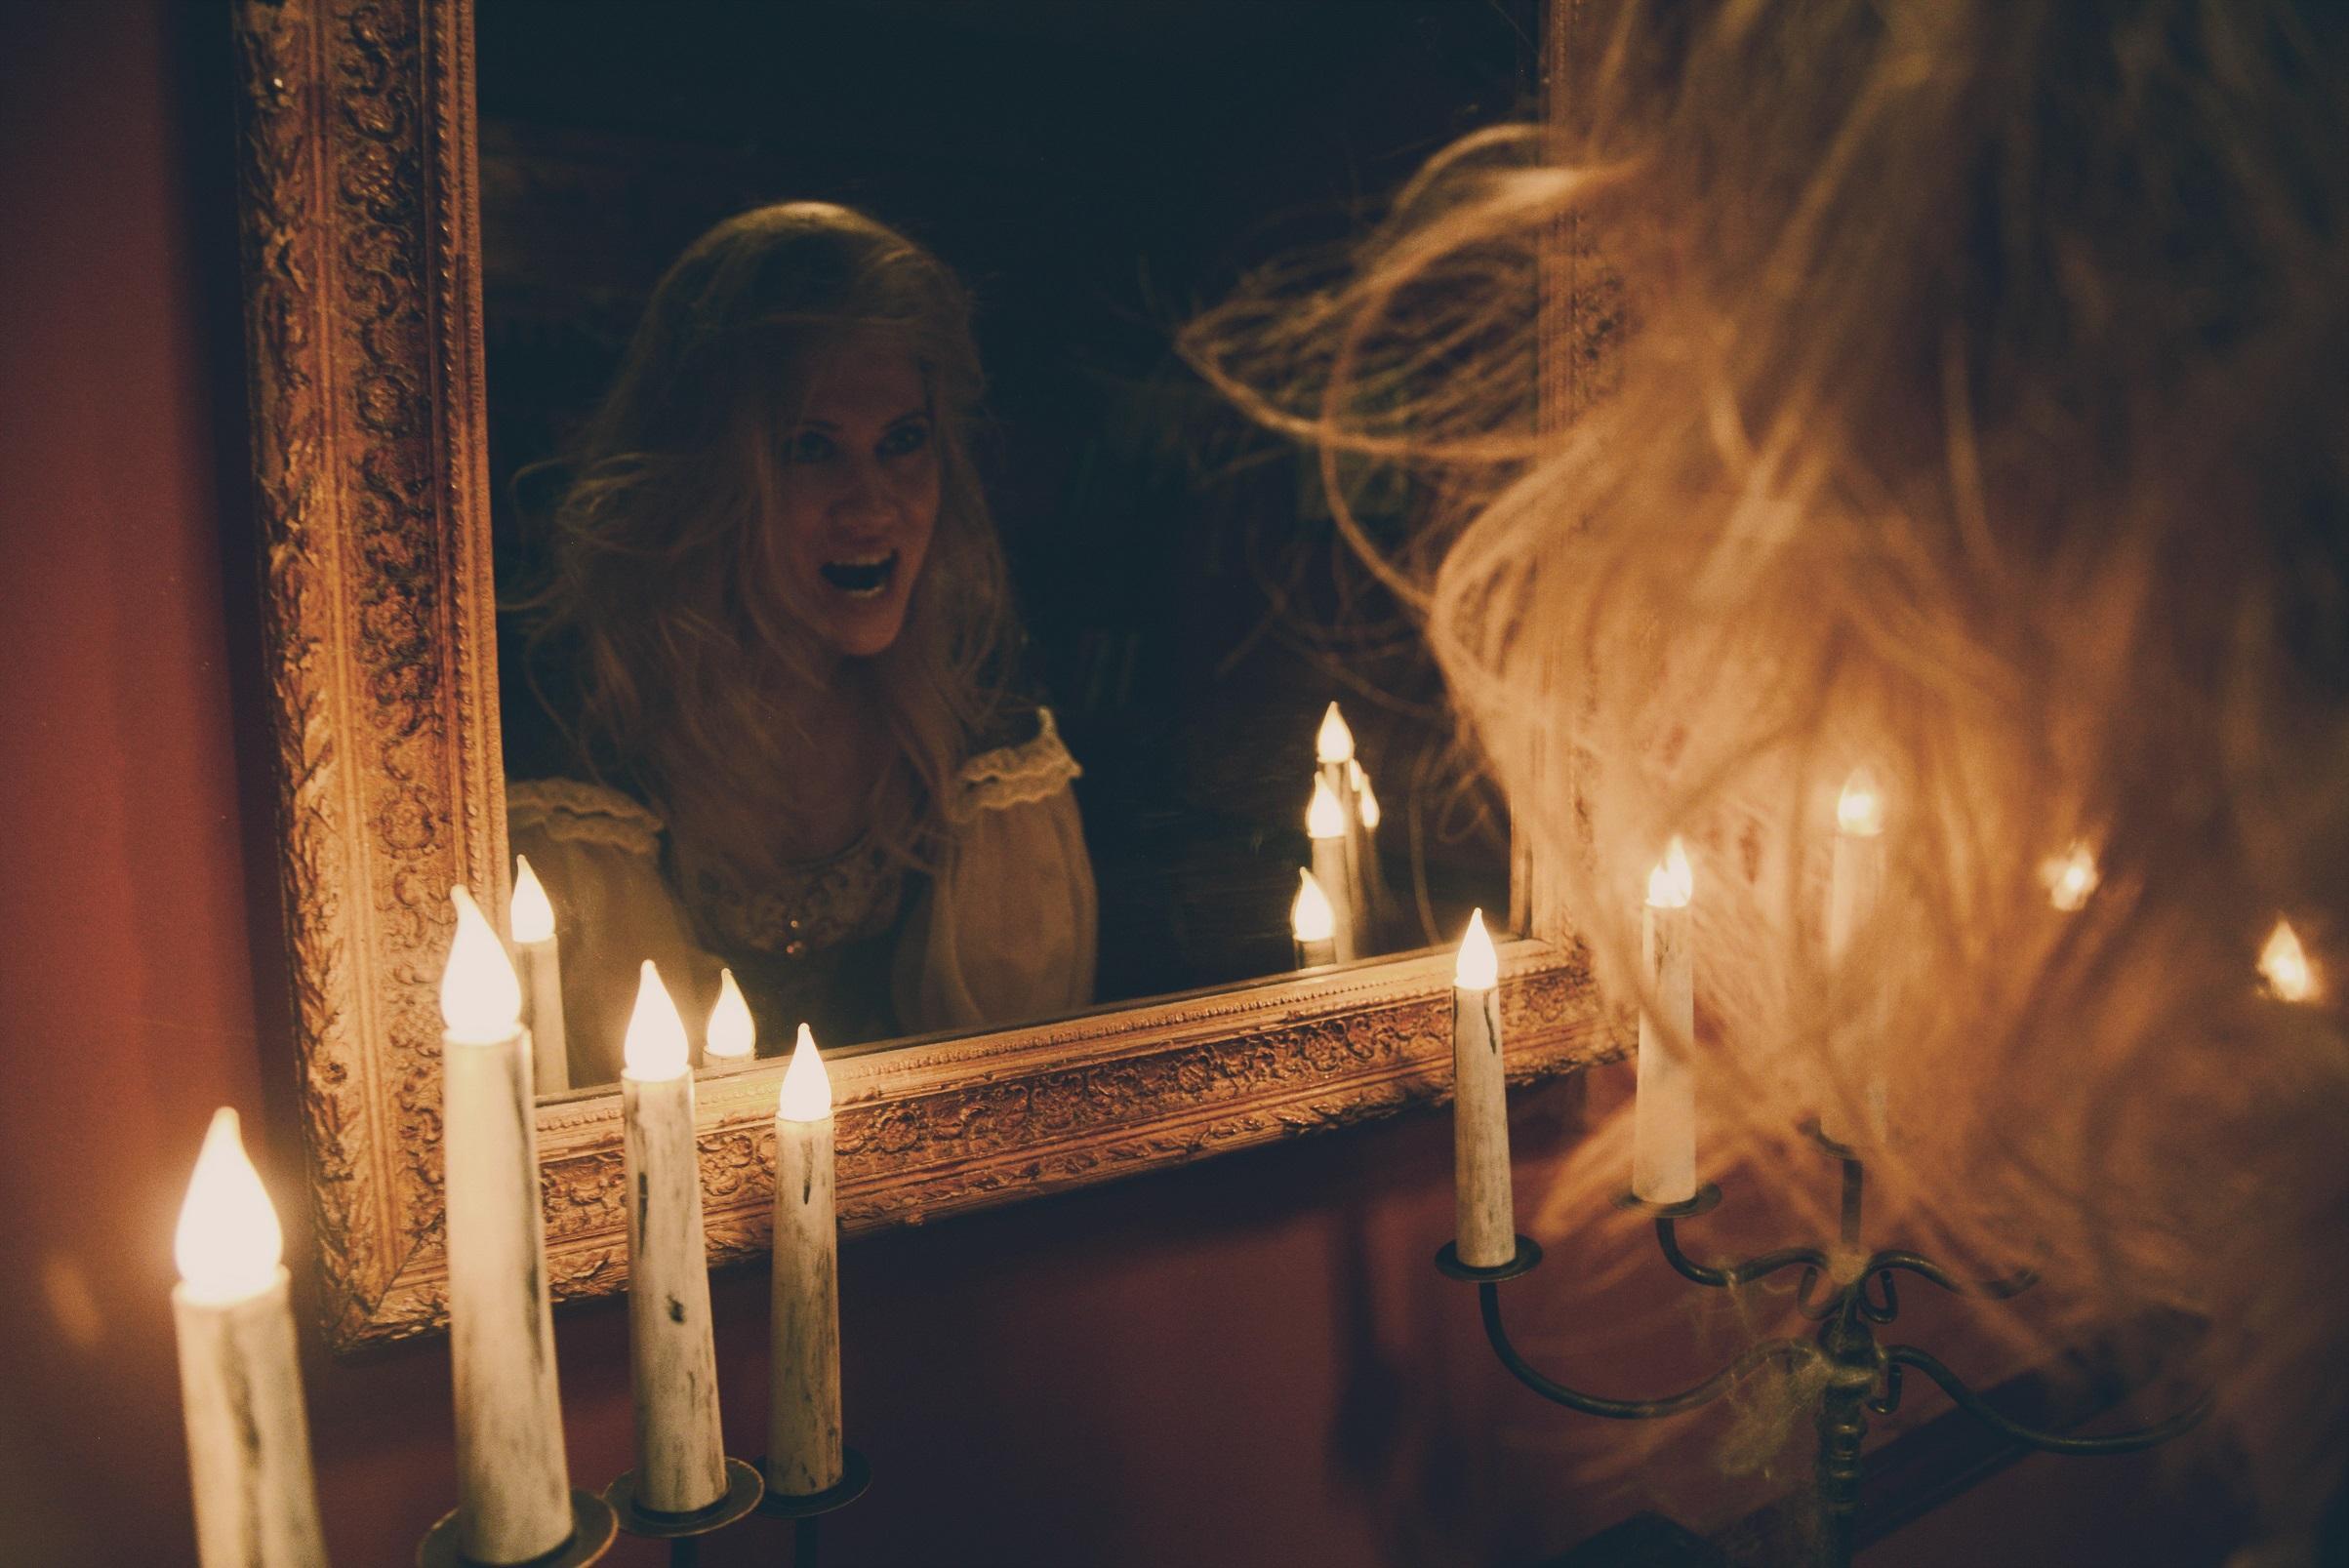 квест особняк с привидениями-2: дыхание тьмы фото 1